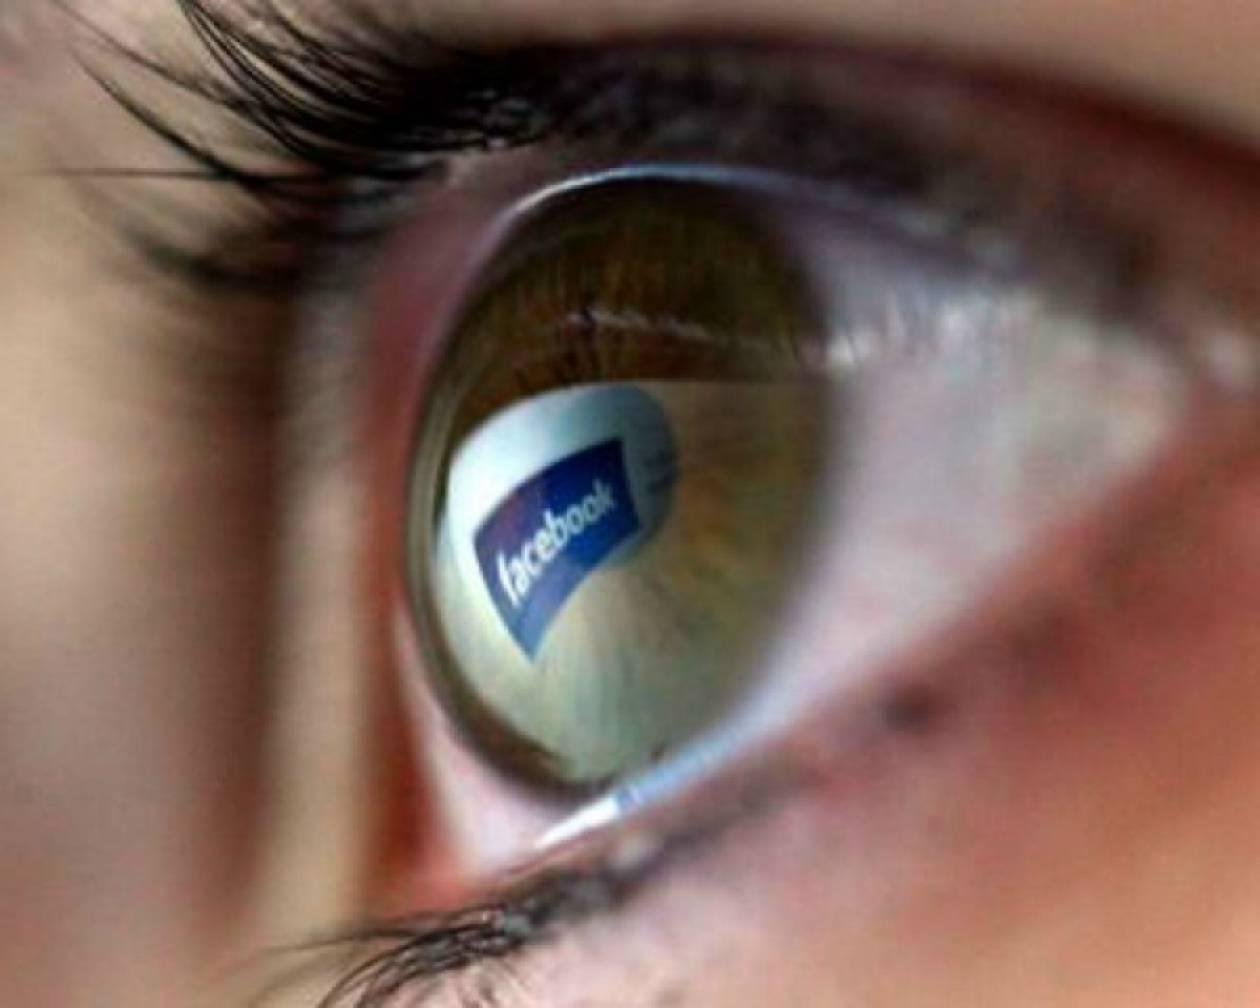 Πρόγραμμα μπορεί να μάθει που μένεις μέσω του Facebook!